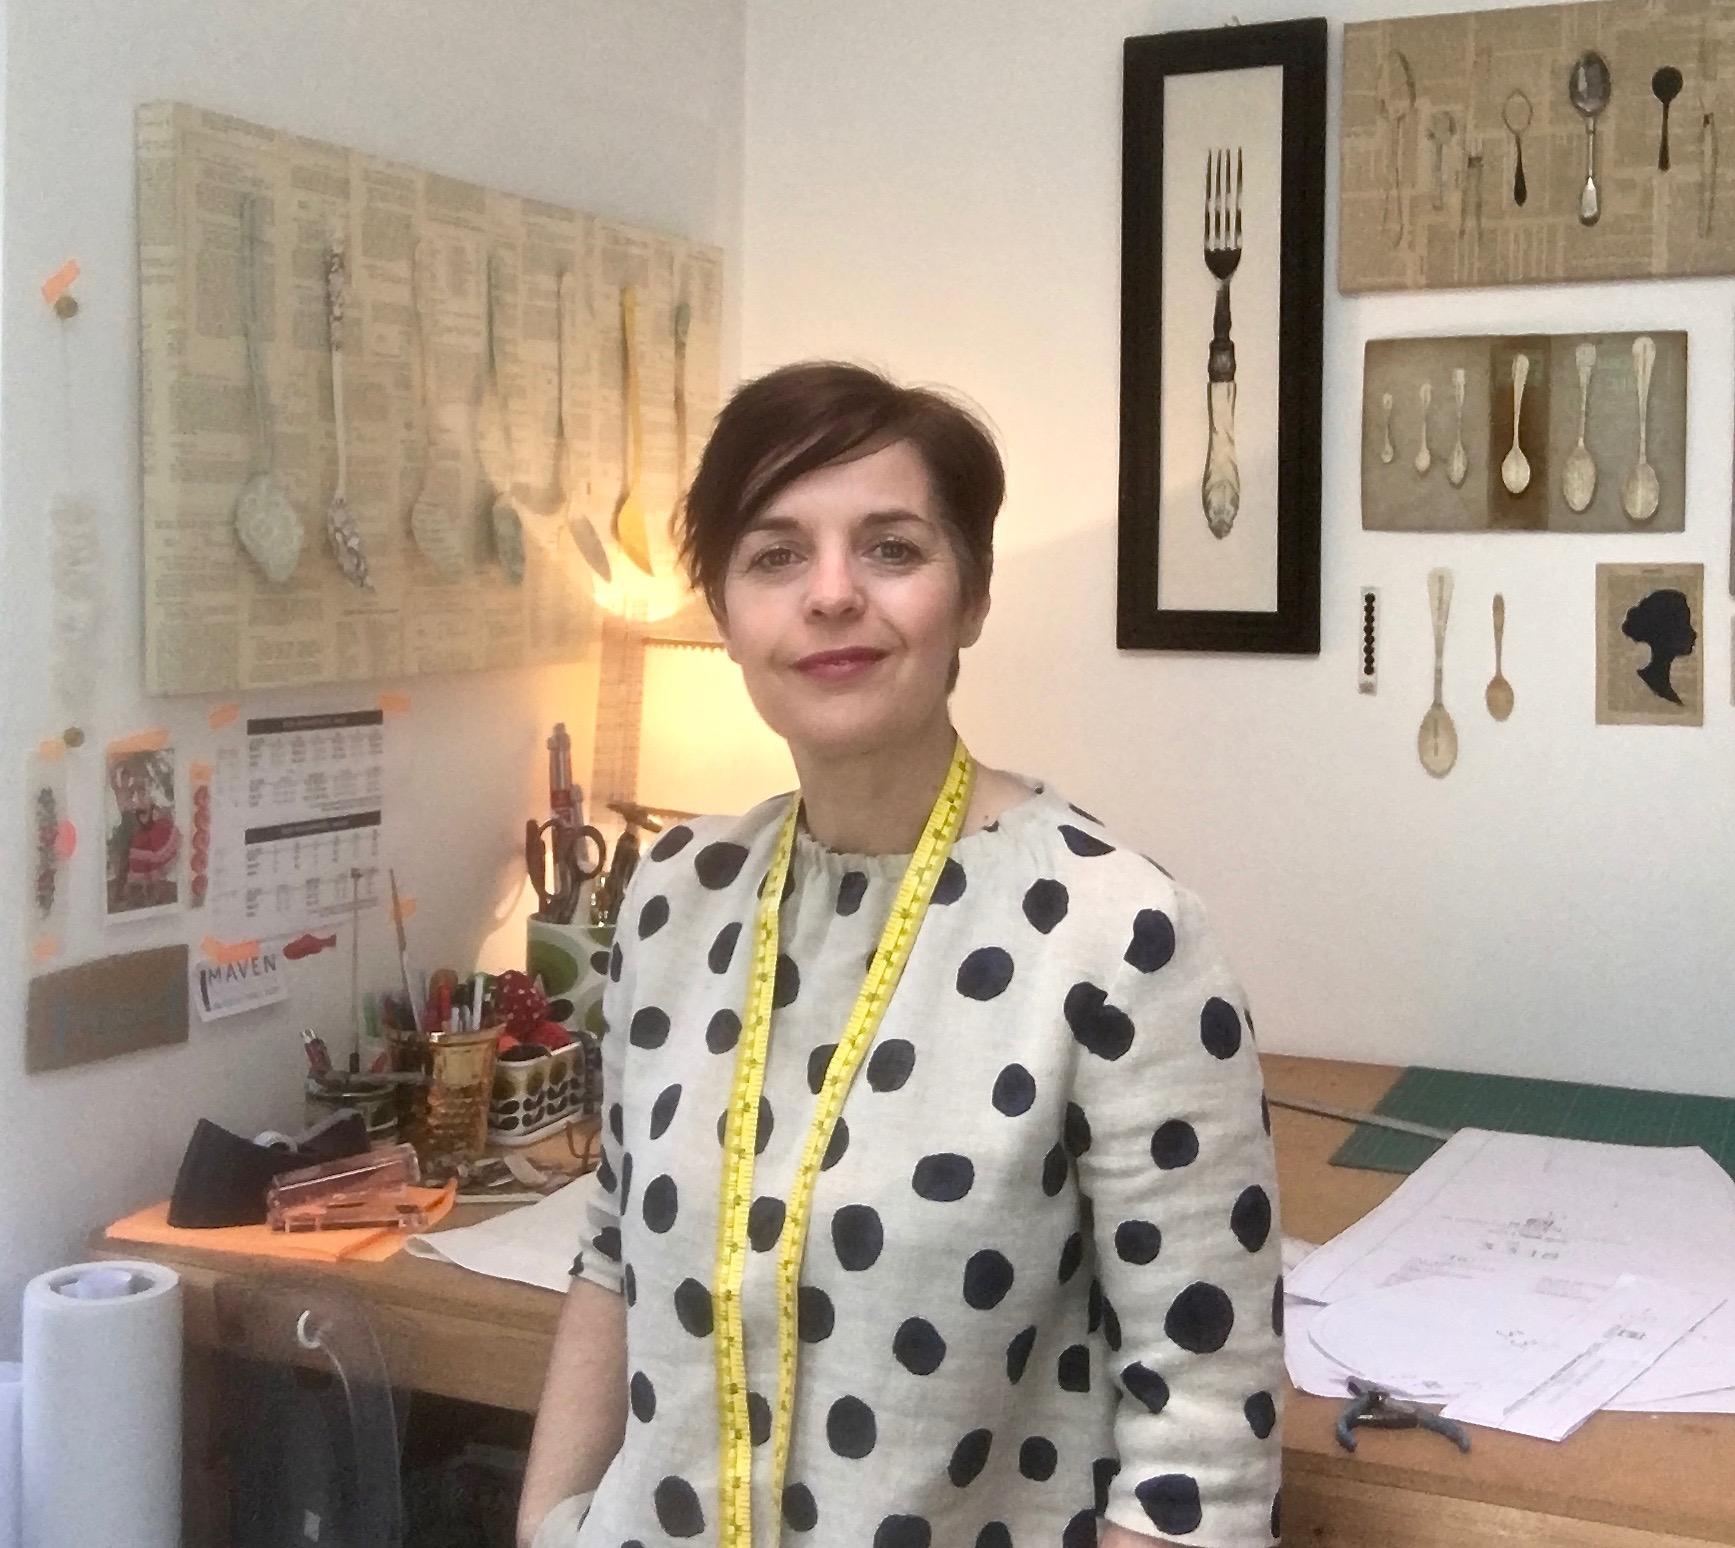 Sharon Mendham in her home studio